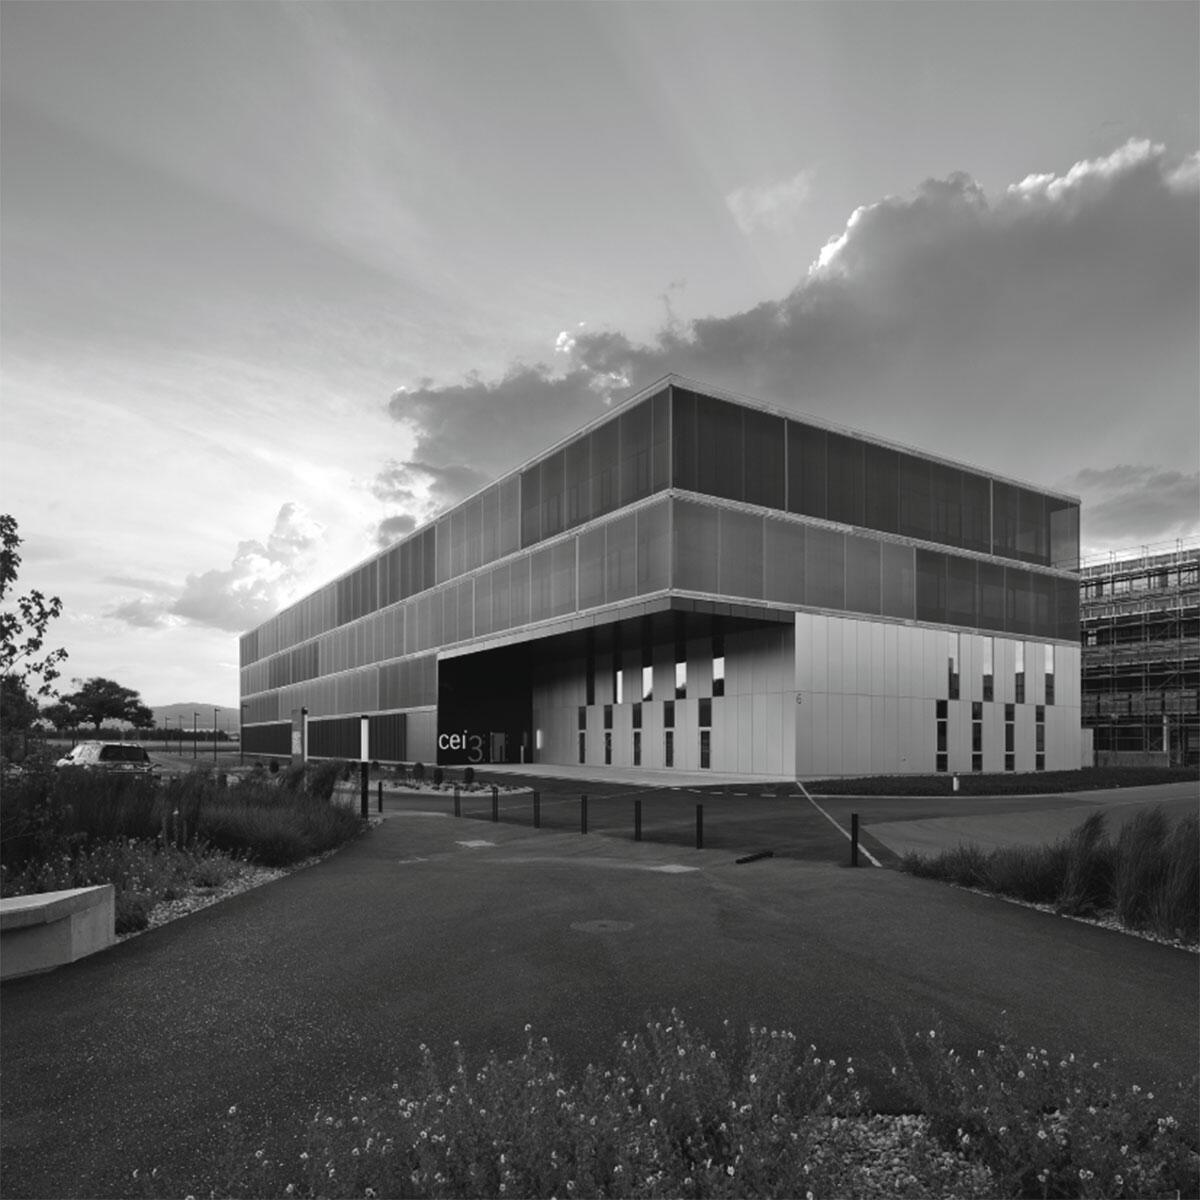 CEI 3 Centre d\\'Enterprise et d\\'Innovation, Yverdon-les-Bains von bauzeit Architekten, Biel-Bienne